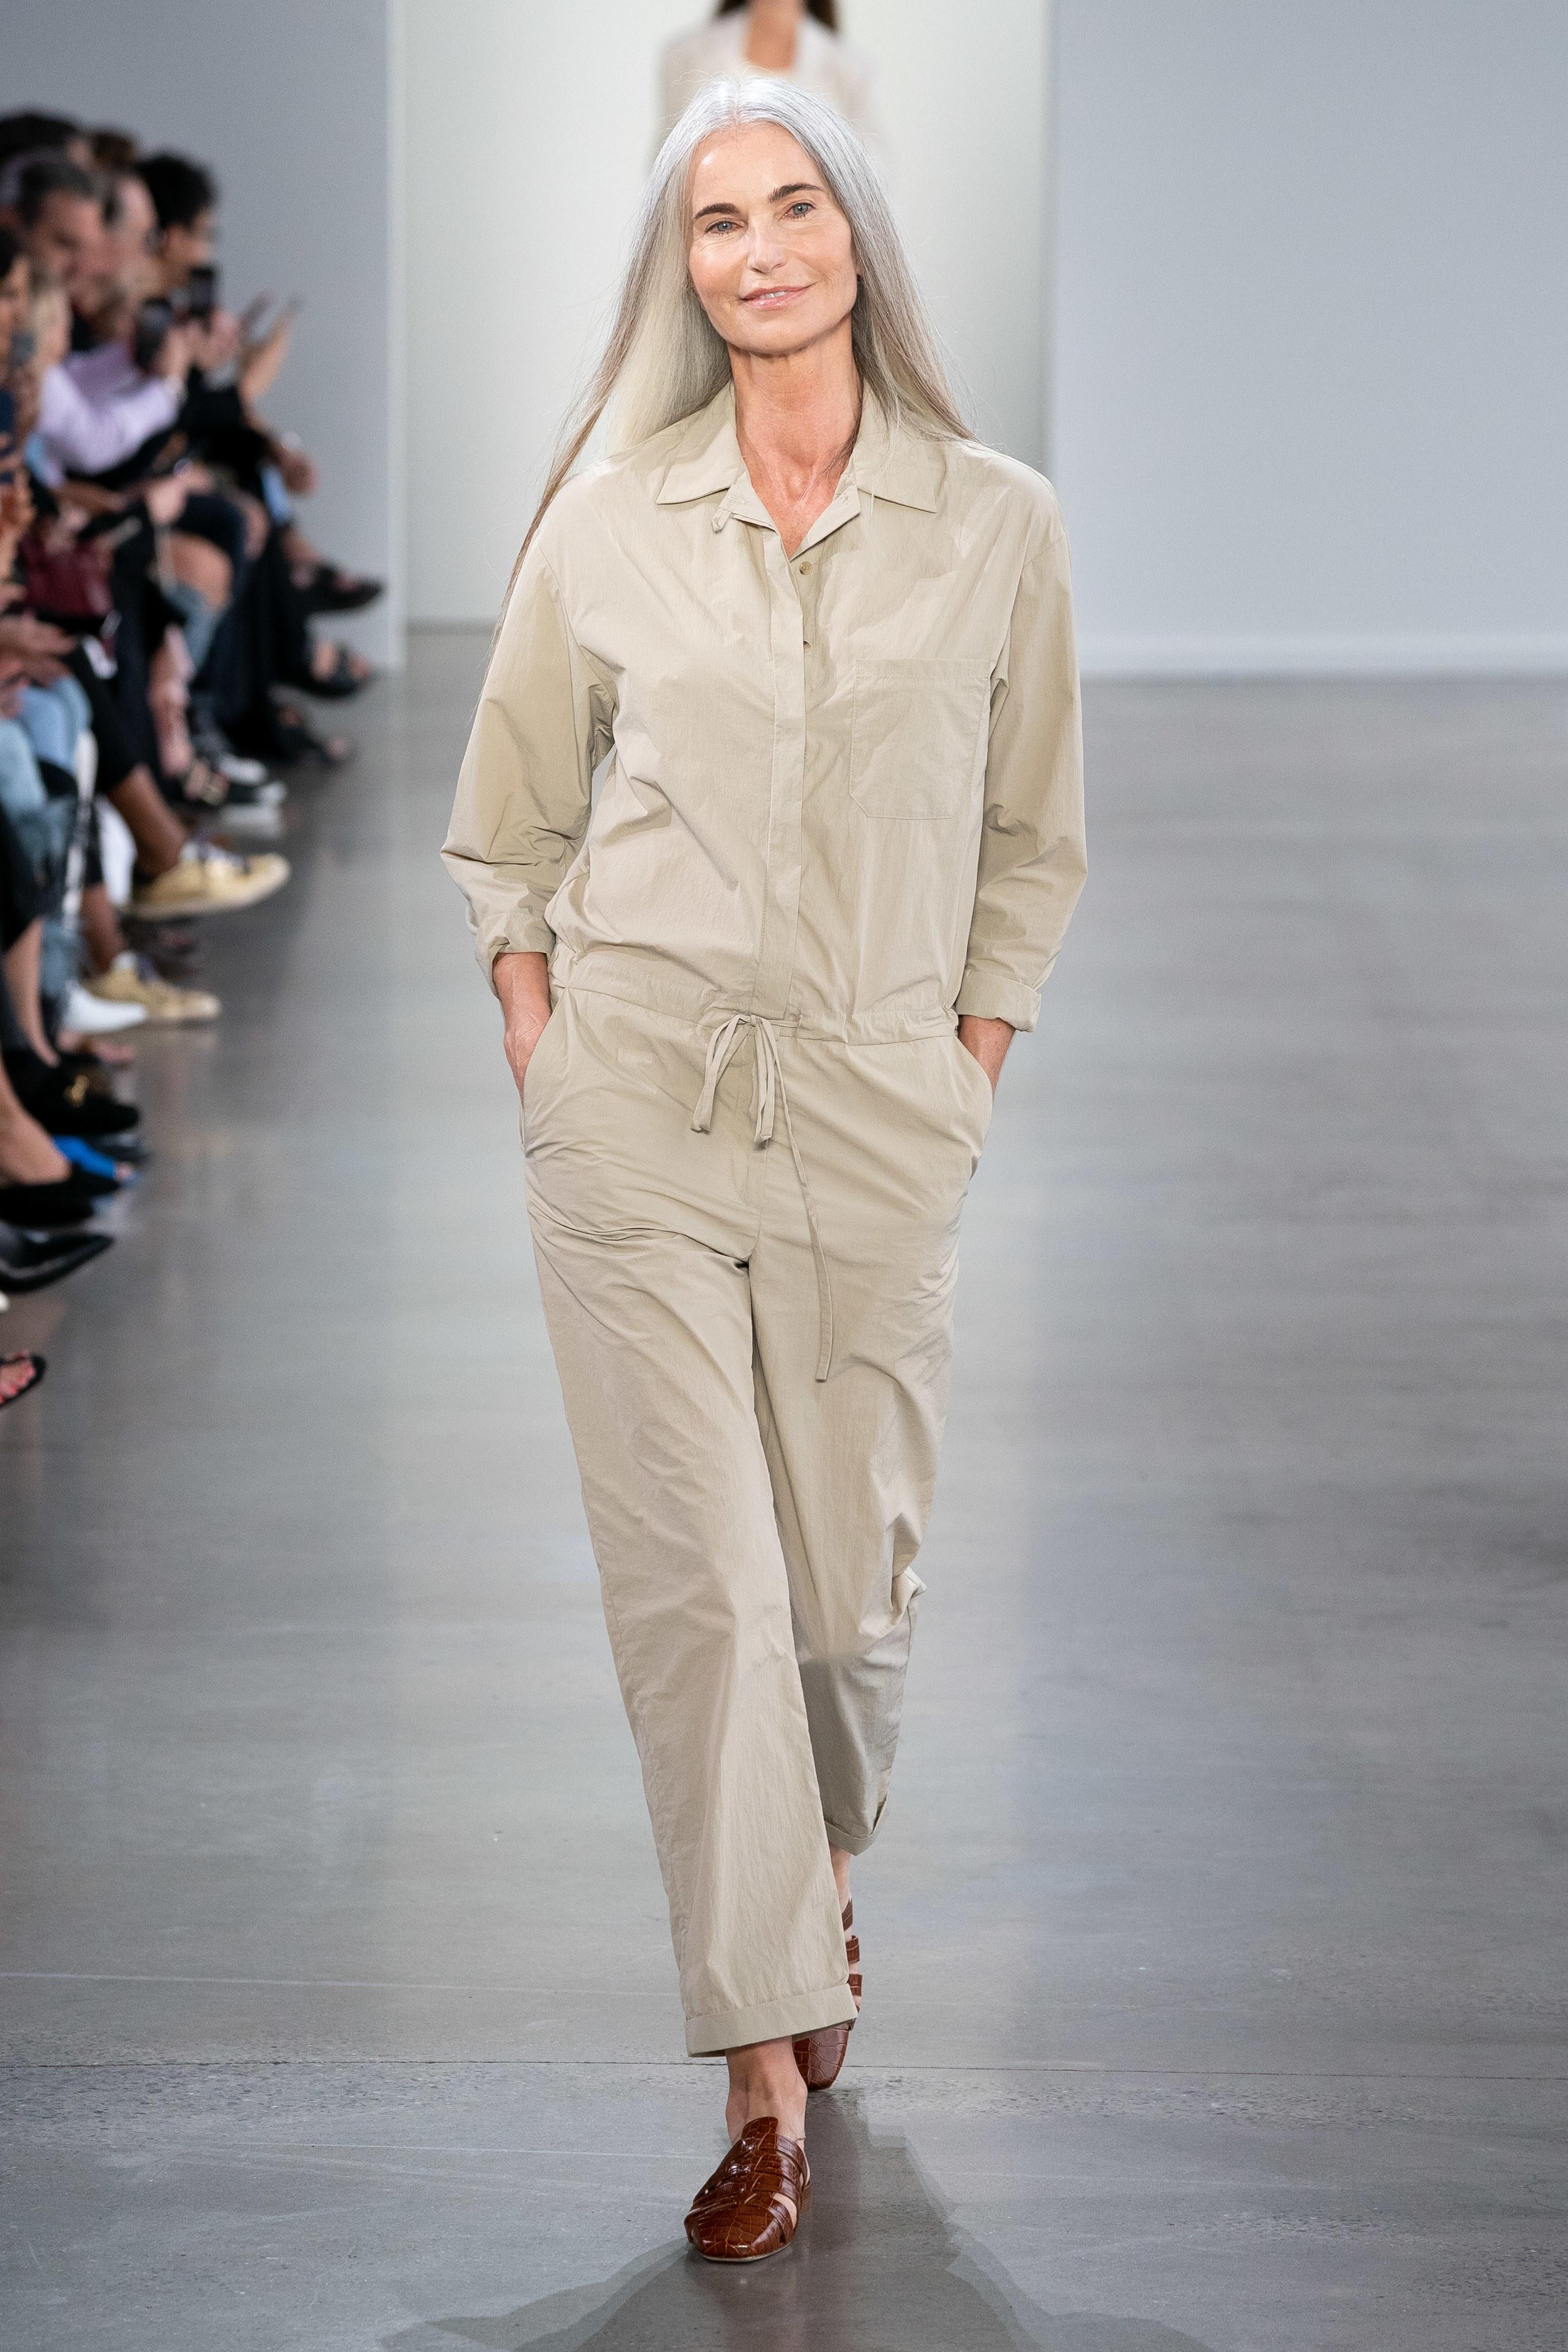 Người mẫu lớn tuổi trong buổi trình diễn của thương hiệu Deveaux tại Tuần lễ thời trang Xuân - Hè 2020